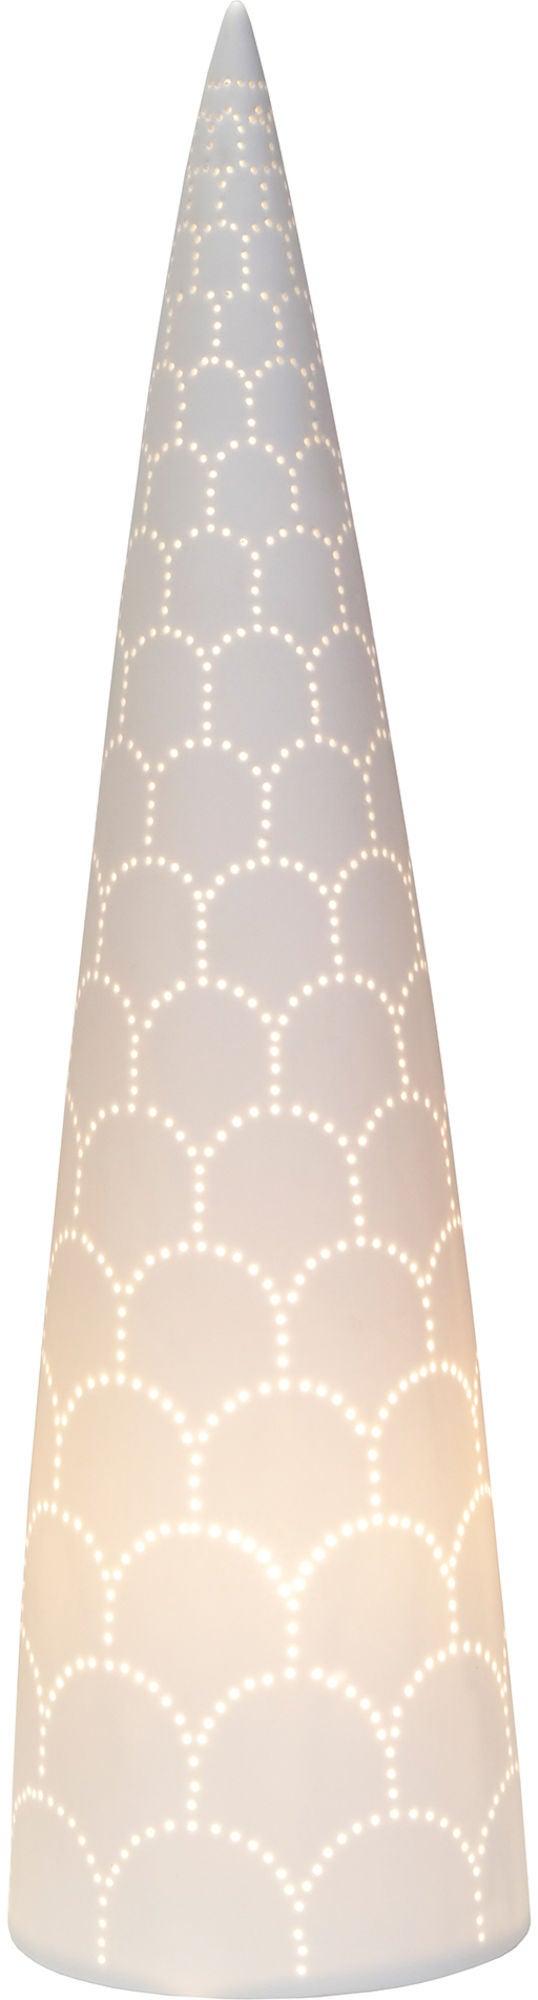 Globen Lighting Peak Pöytävalaisin XL, Valkoinen